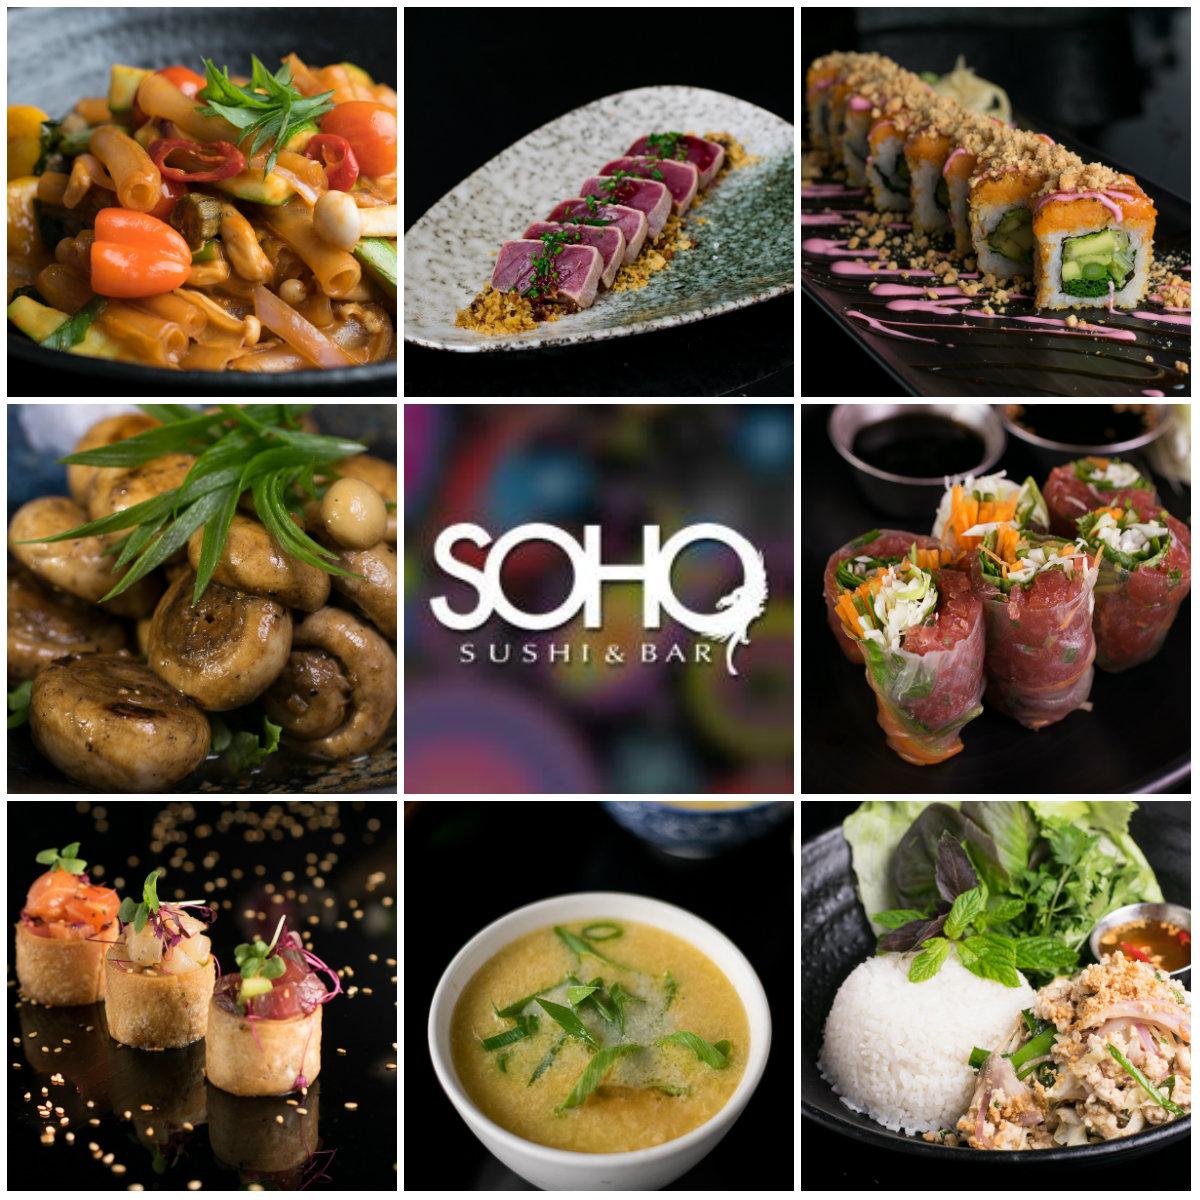 SOHO не перестает удивлять: к 15-летию — 15 новых блюд в меню